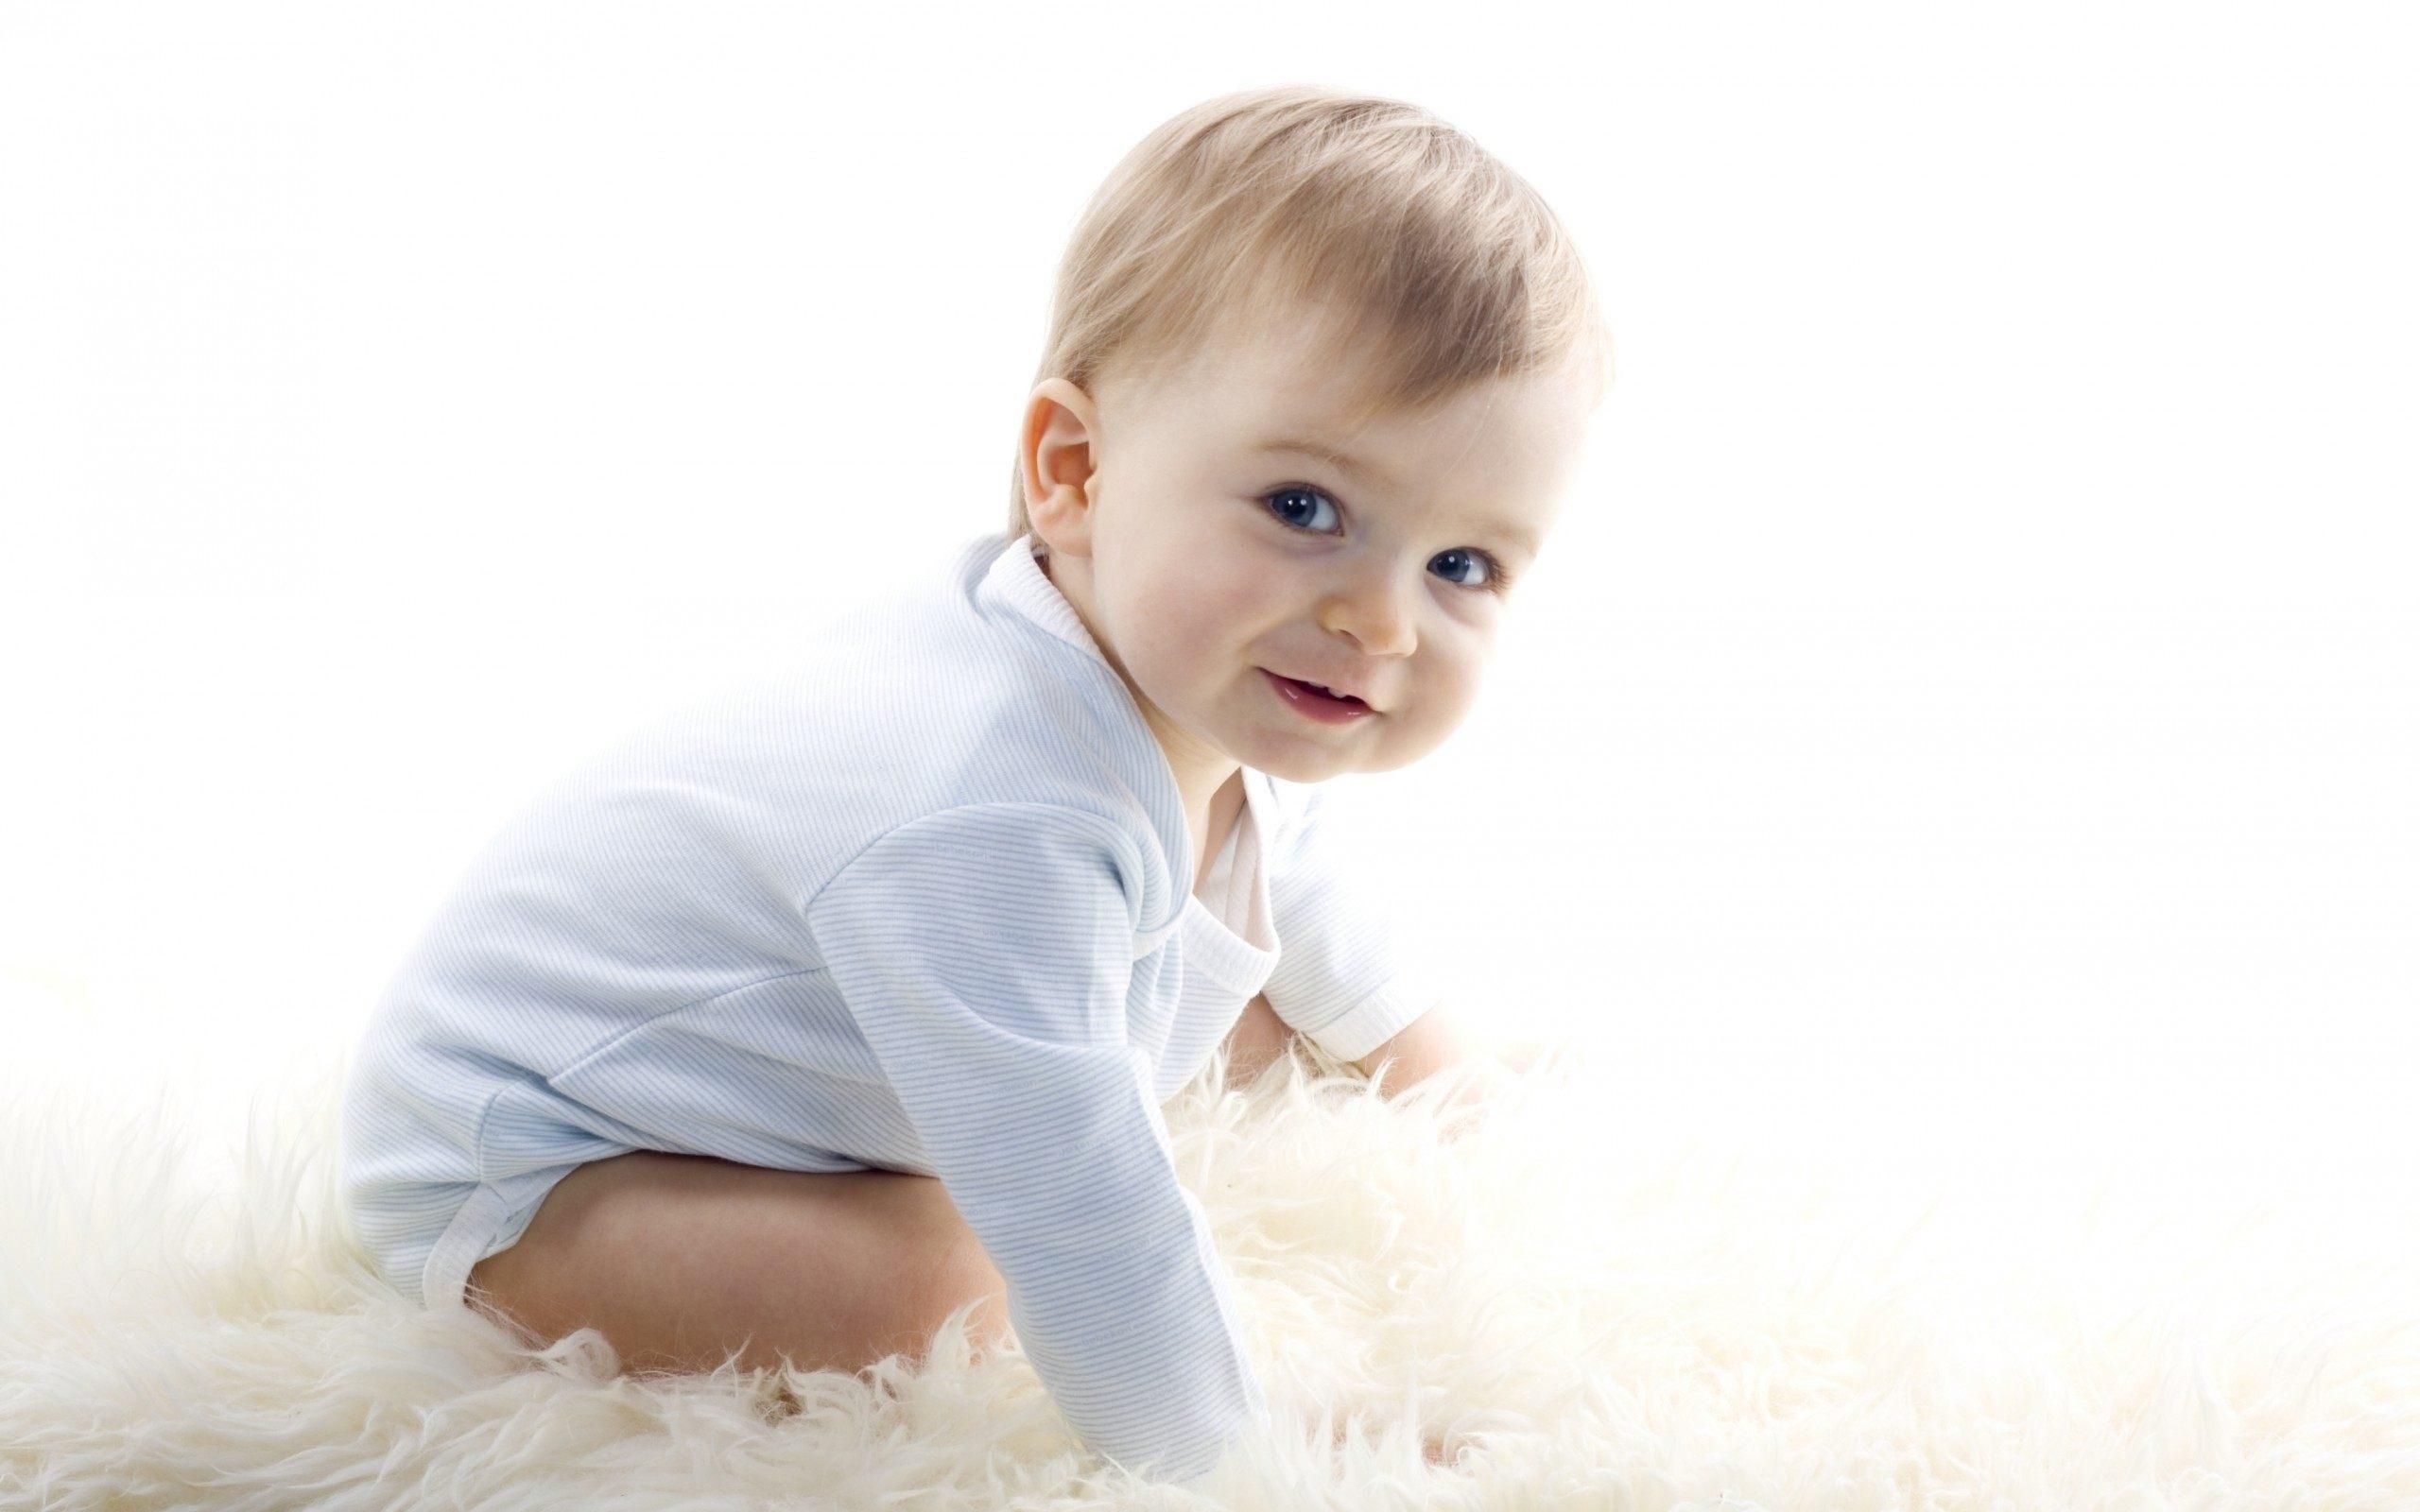 بالصور صور اطفال اولاد , اجمل صور للاولاد 2019 2912 1